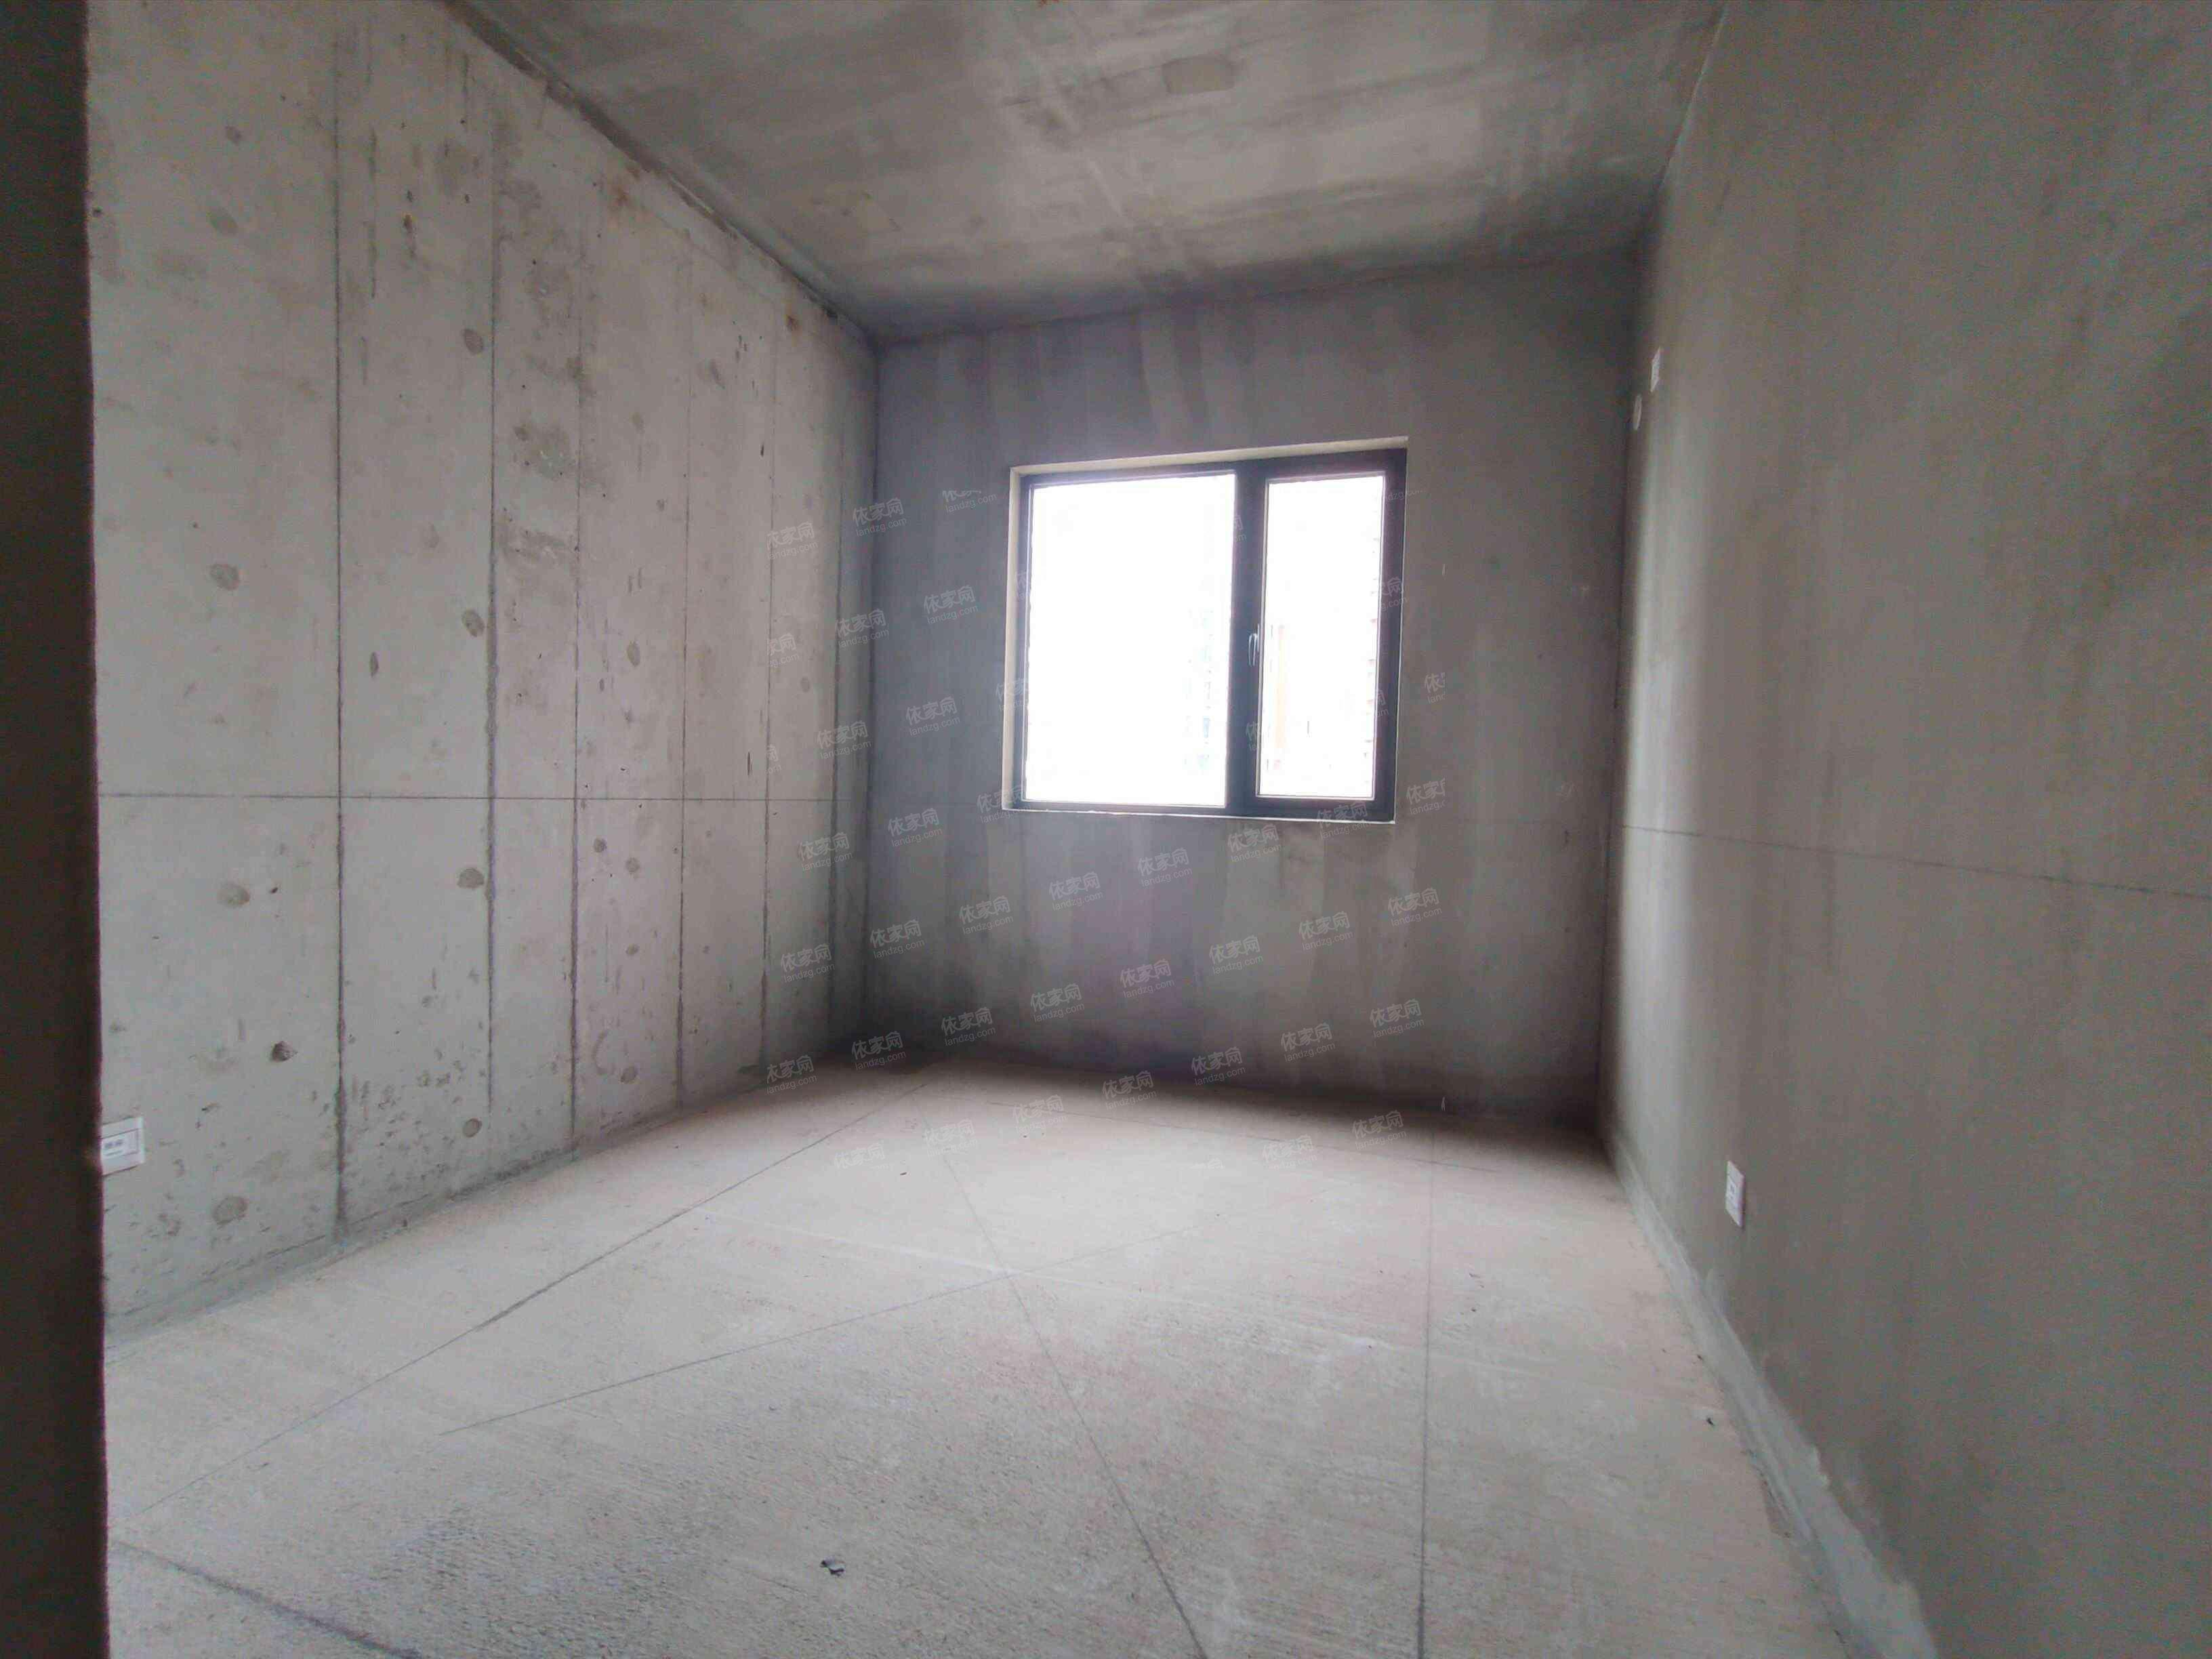 华润二十四城毛坯3房带入户阳台楼下是地铁口读南宁三中